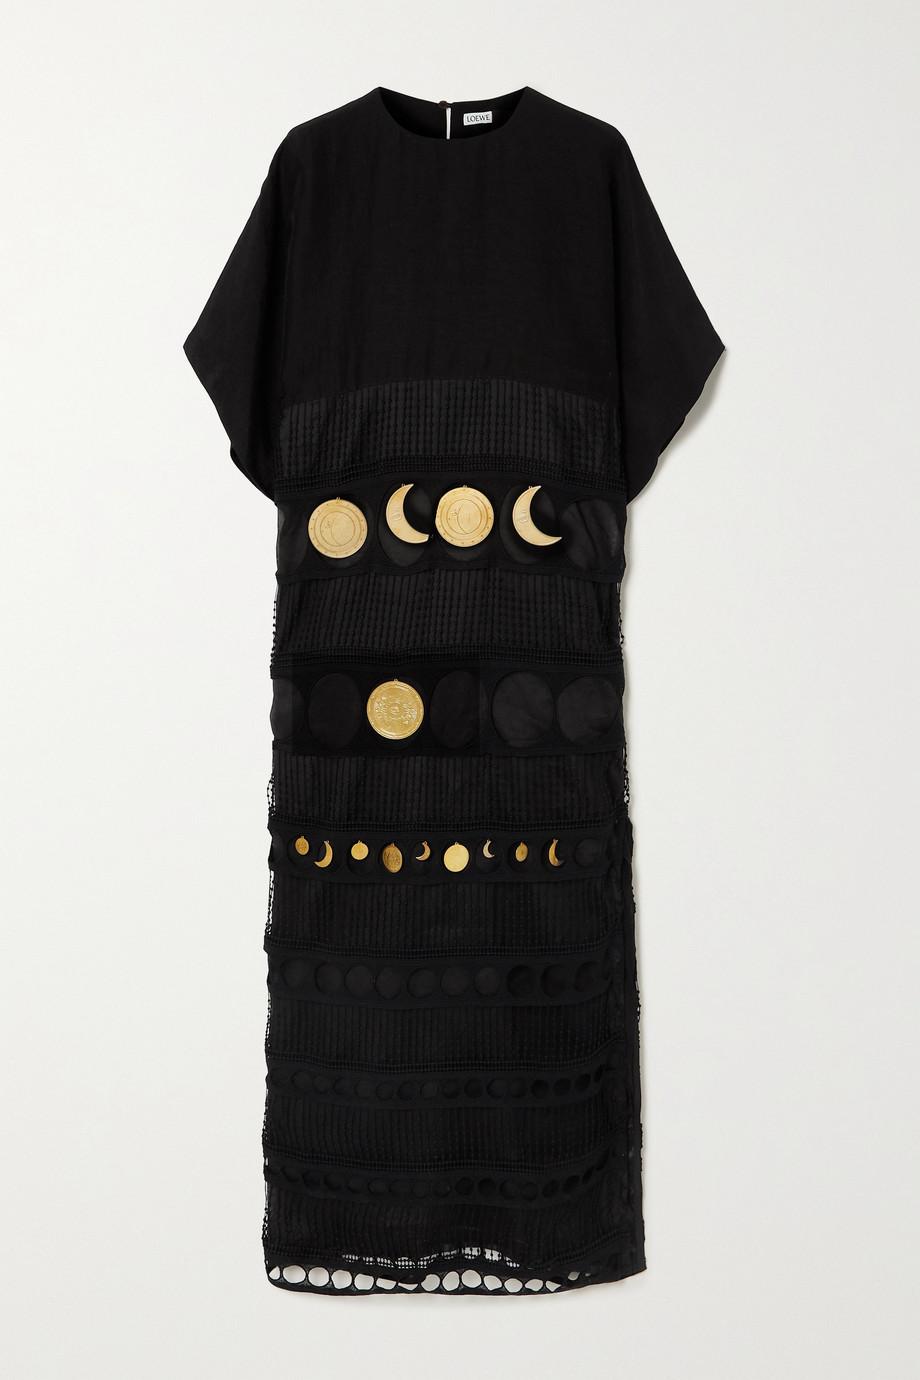 Loewe + Paula's Ibiza Kleid aus gehäkelter Baumwolle und Popeline mit Verzierungen